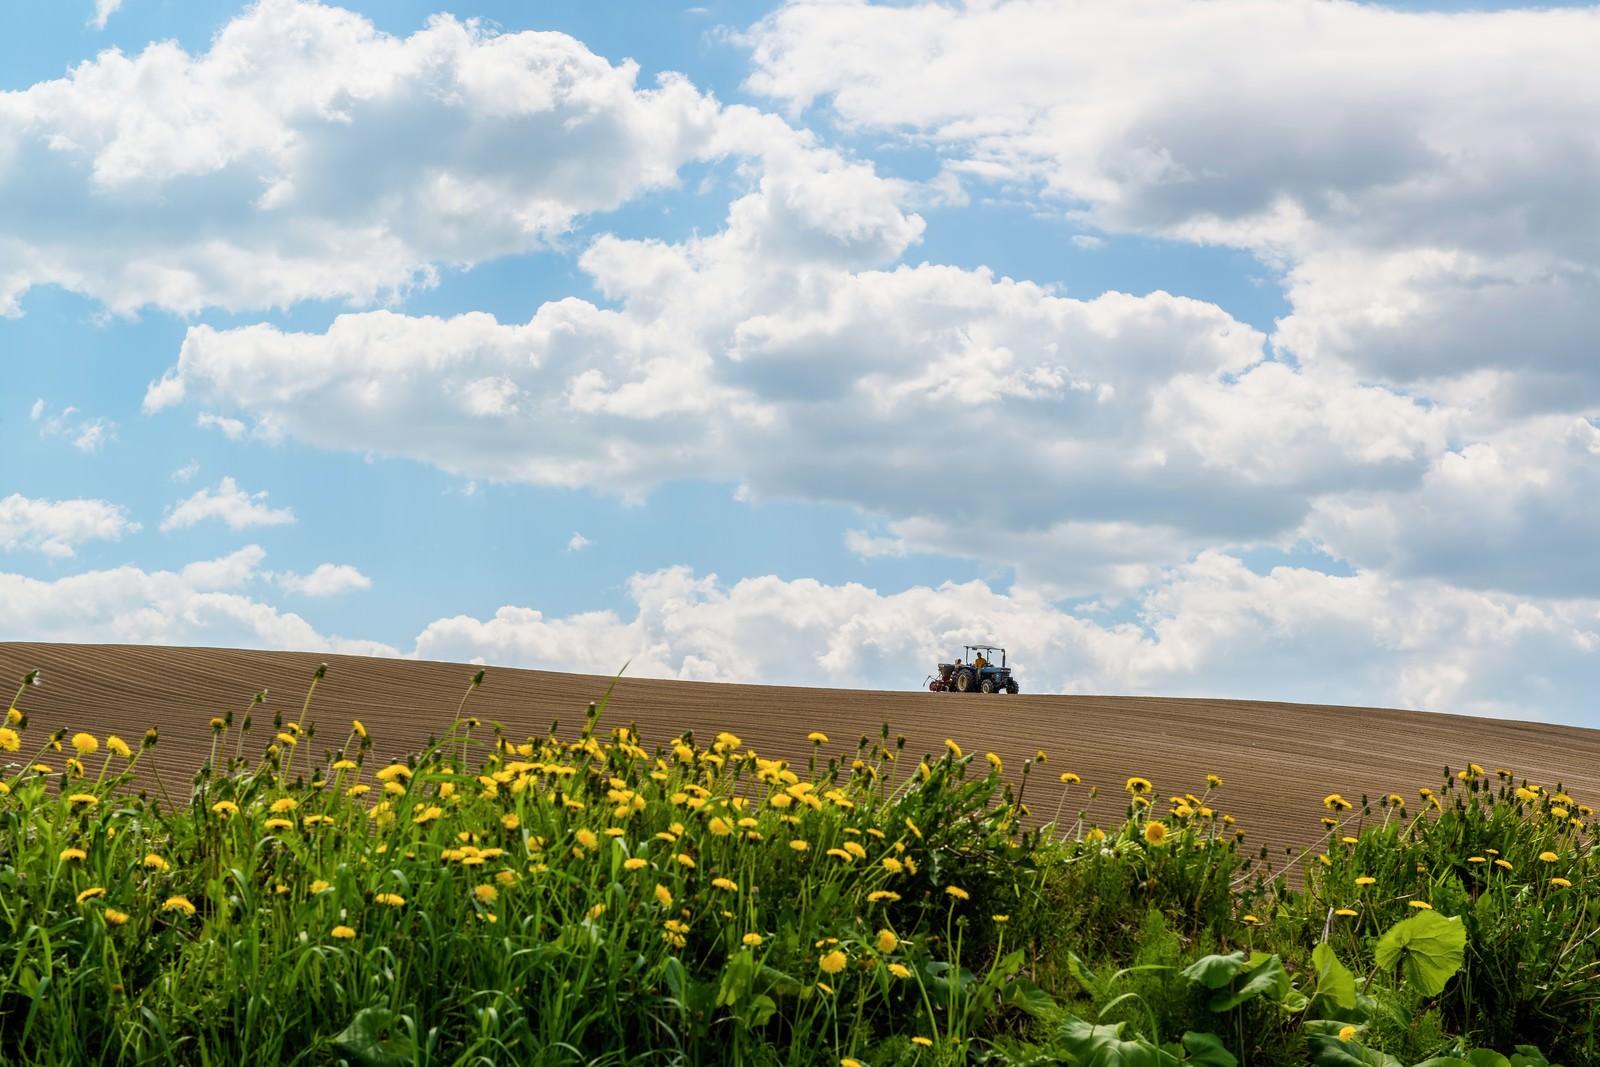 「美瑛の耕す畑と青空美瑛の耕す畑と青空」のフリー写真素材を拡大